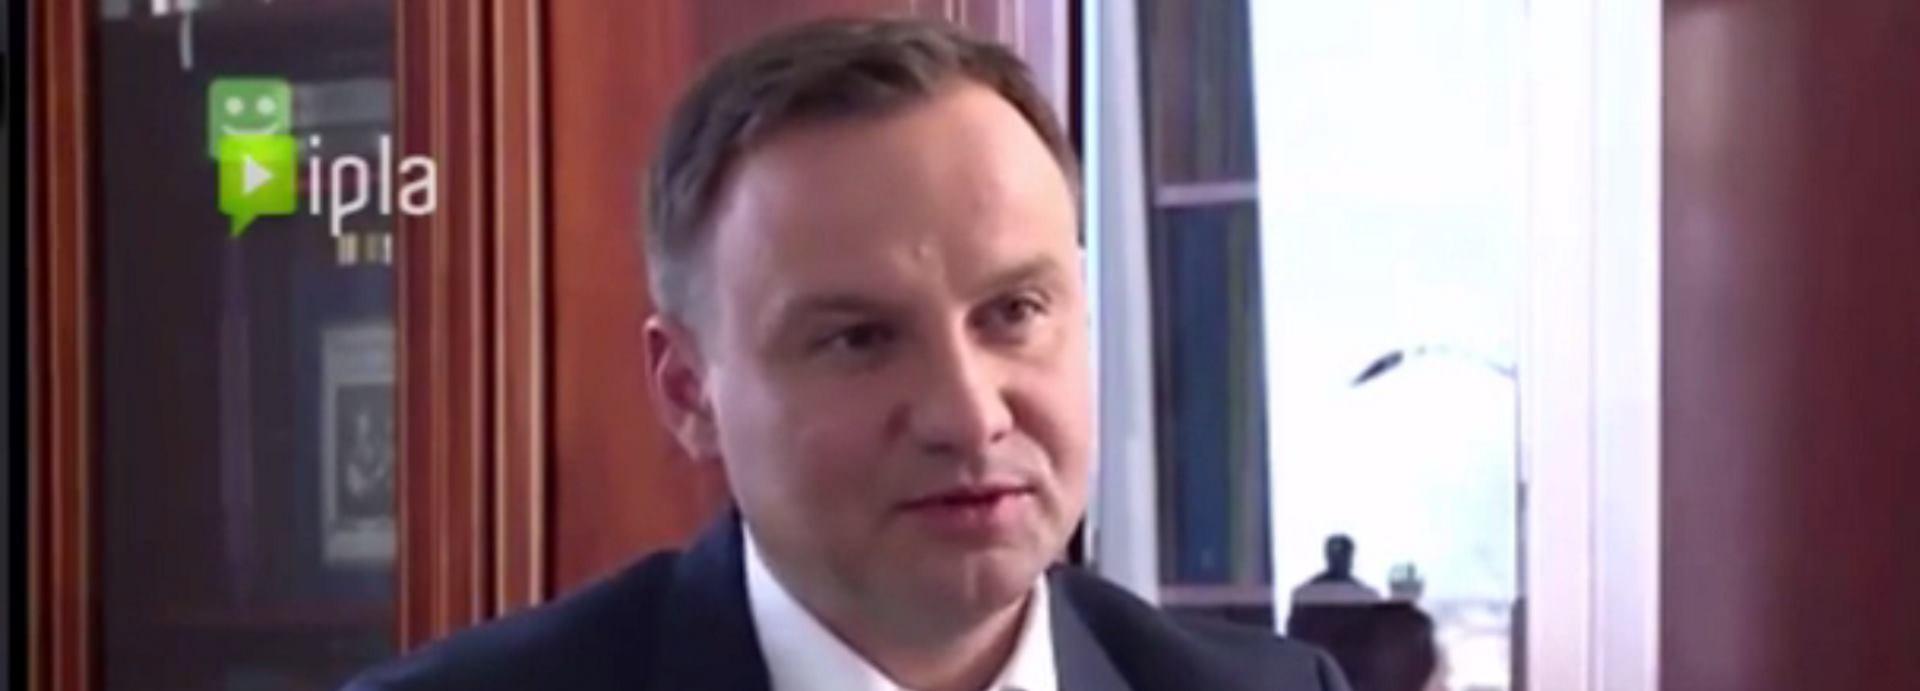 IZBORI U POLJSKOJ Andrzej Duda postao novi predsjednik